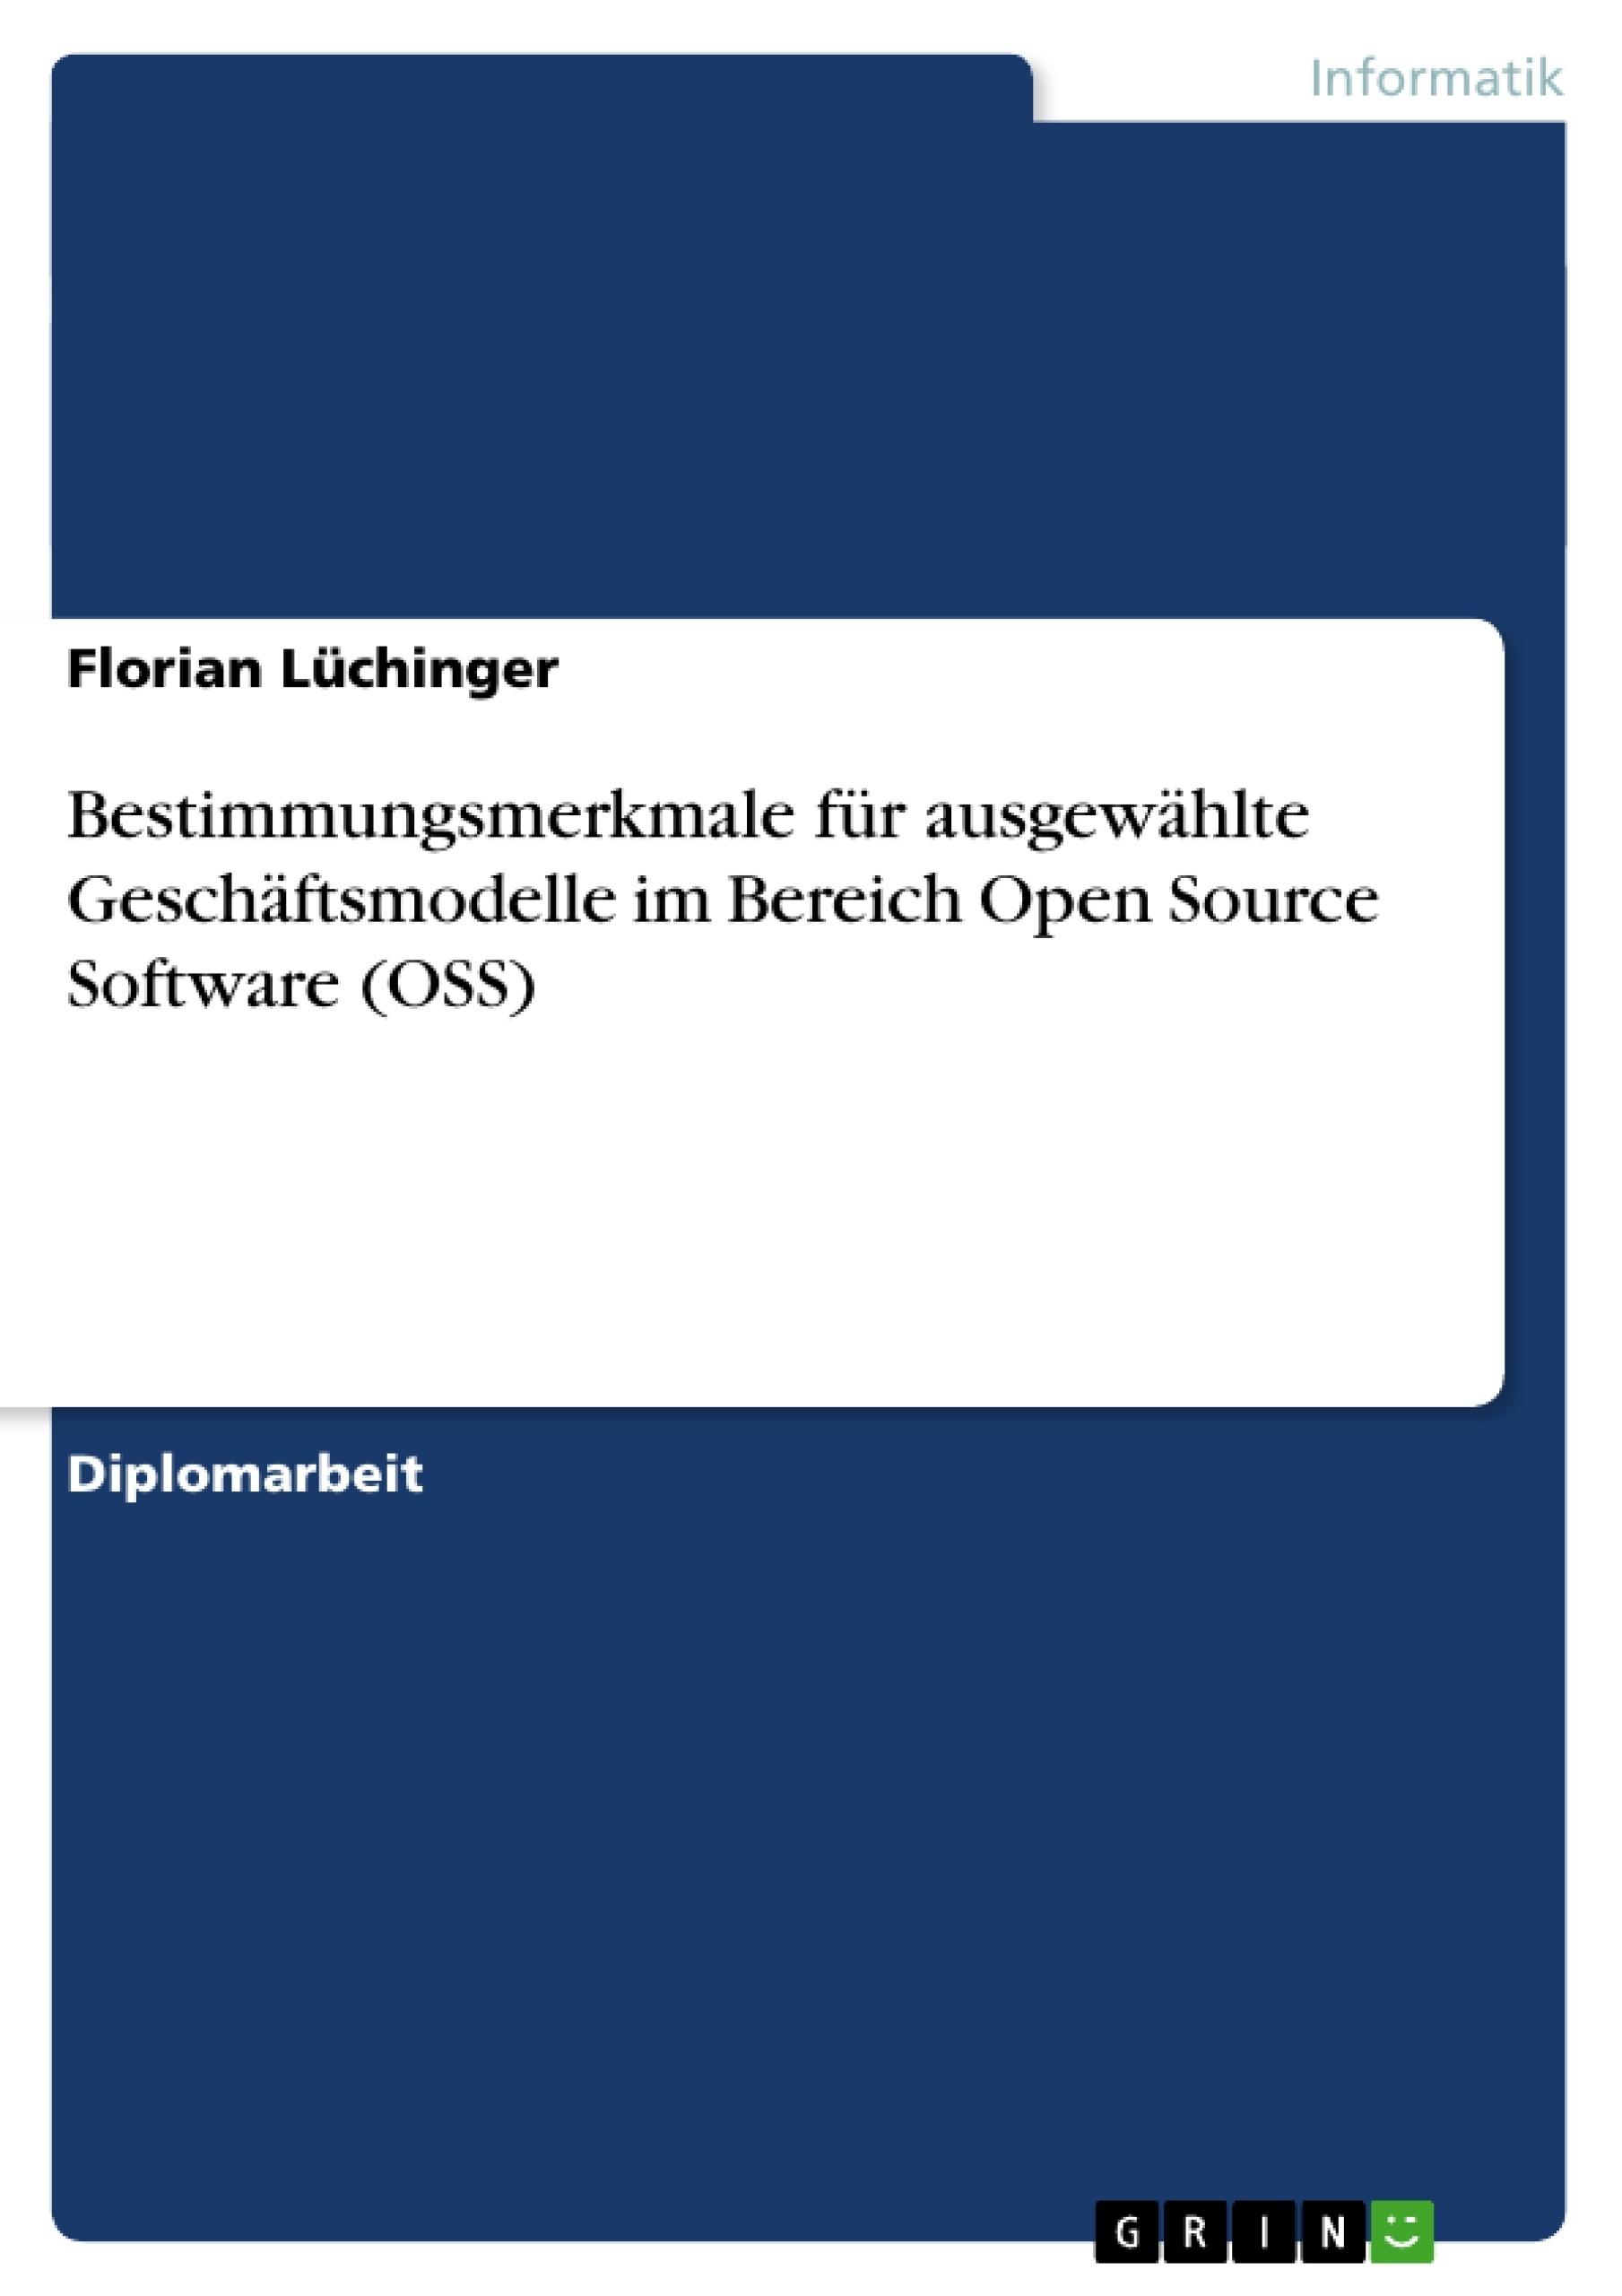 Titel: Bestimmungsmerkmale für ausgewählte Geschäftsmodelle im Bereich Open Source Software (OSS)